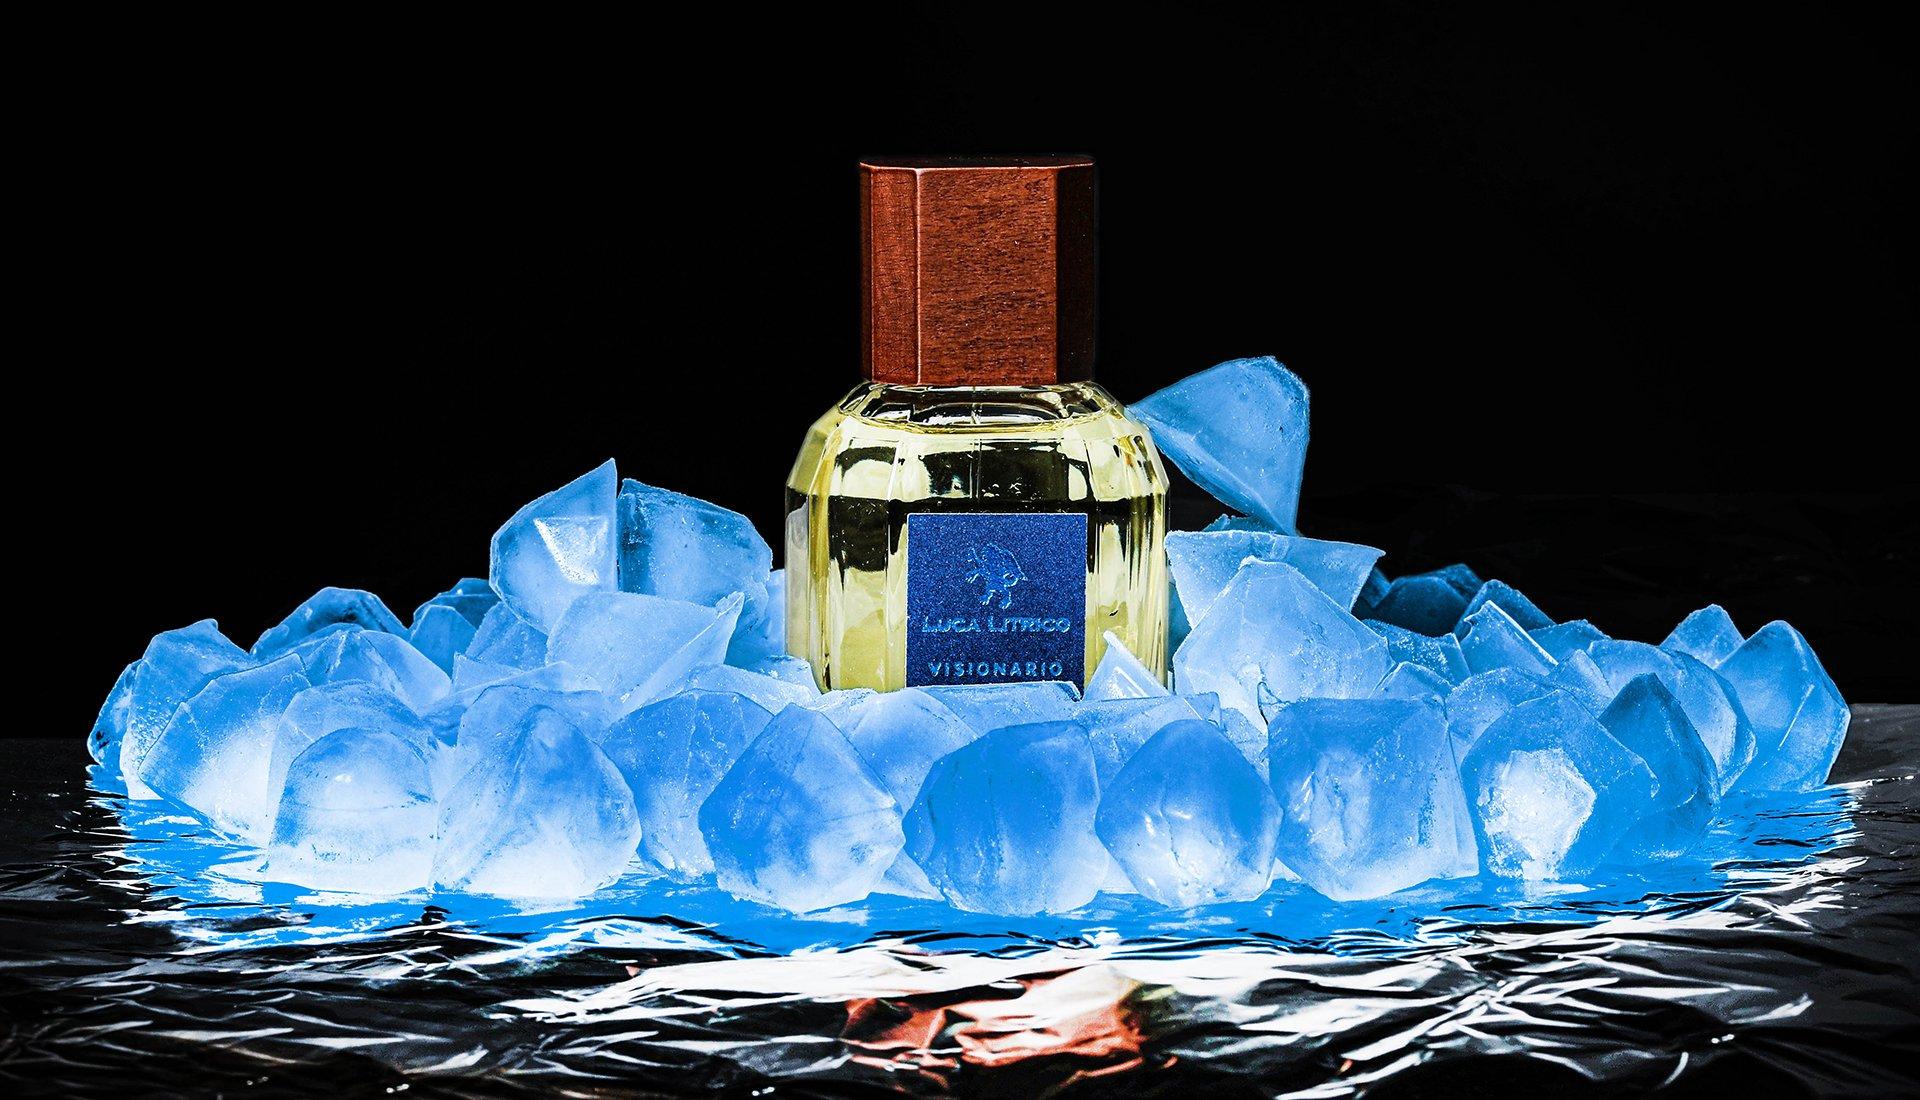 parfum - visionario - luca litrico